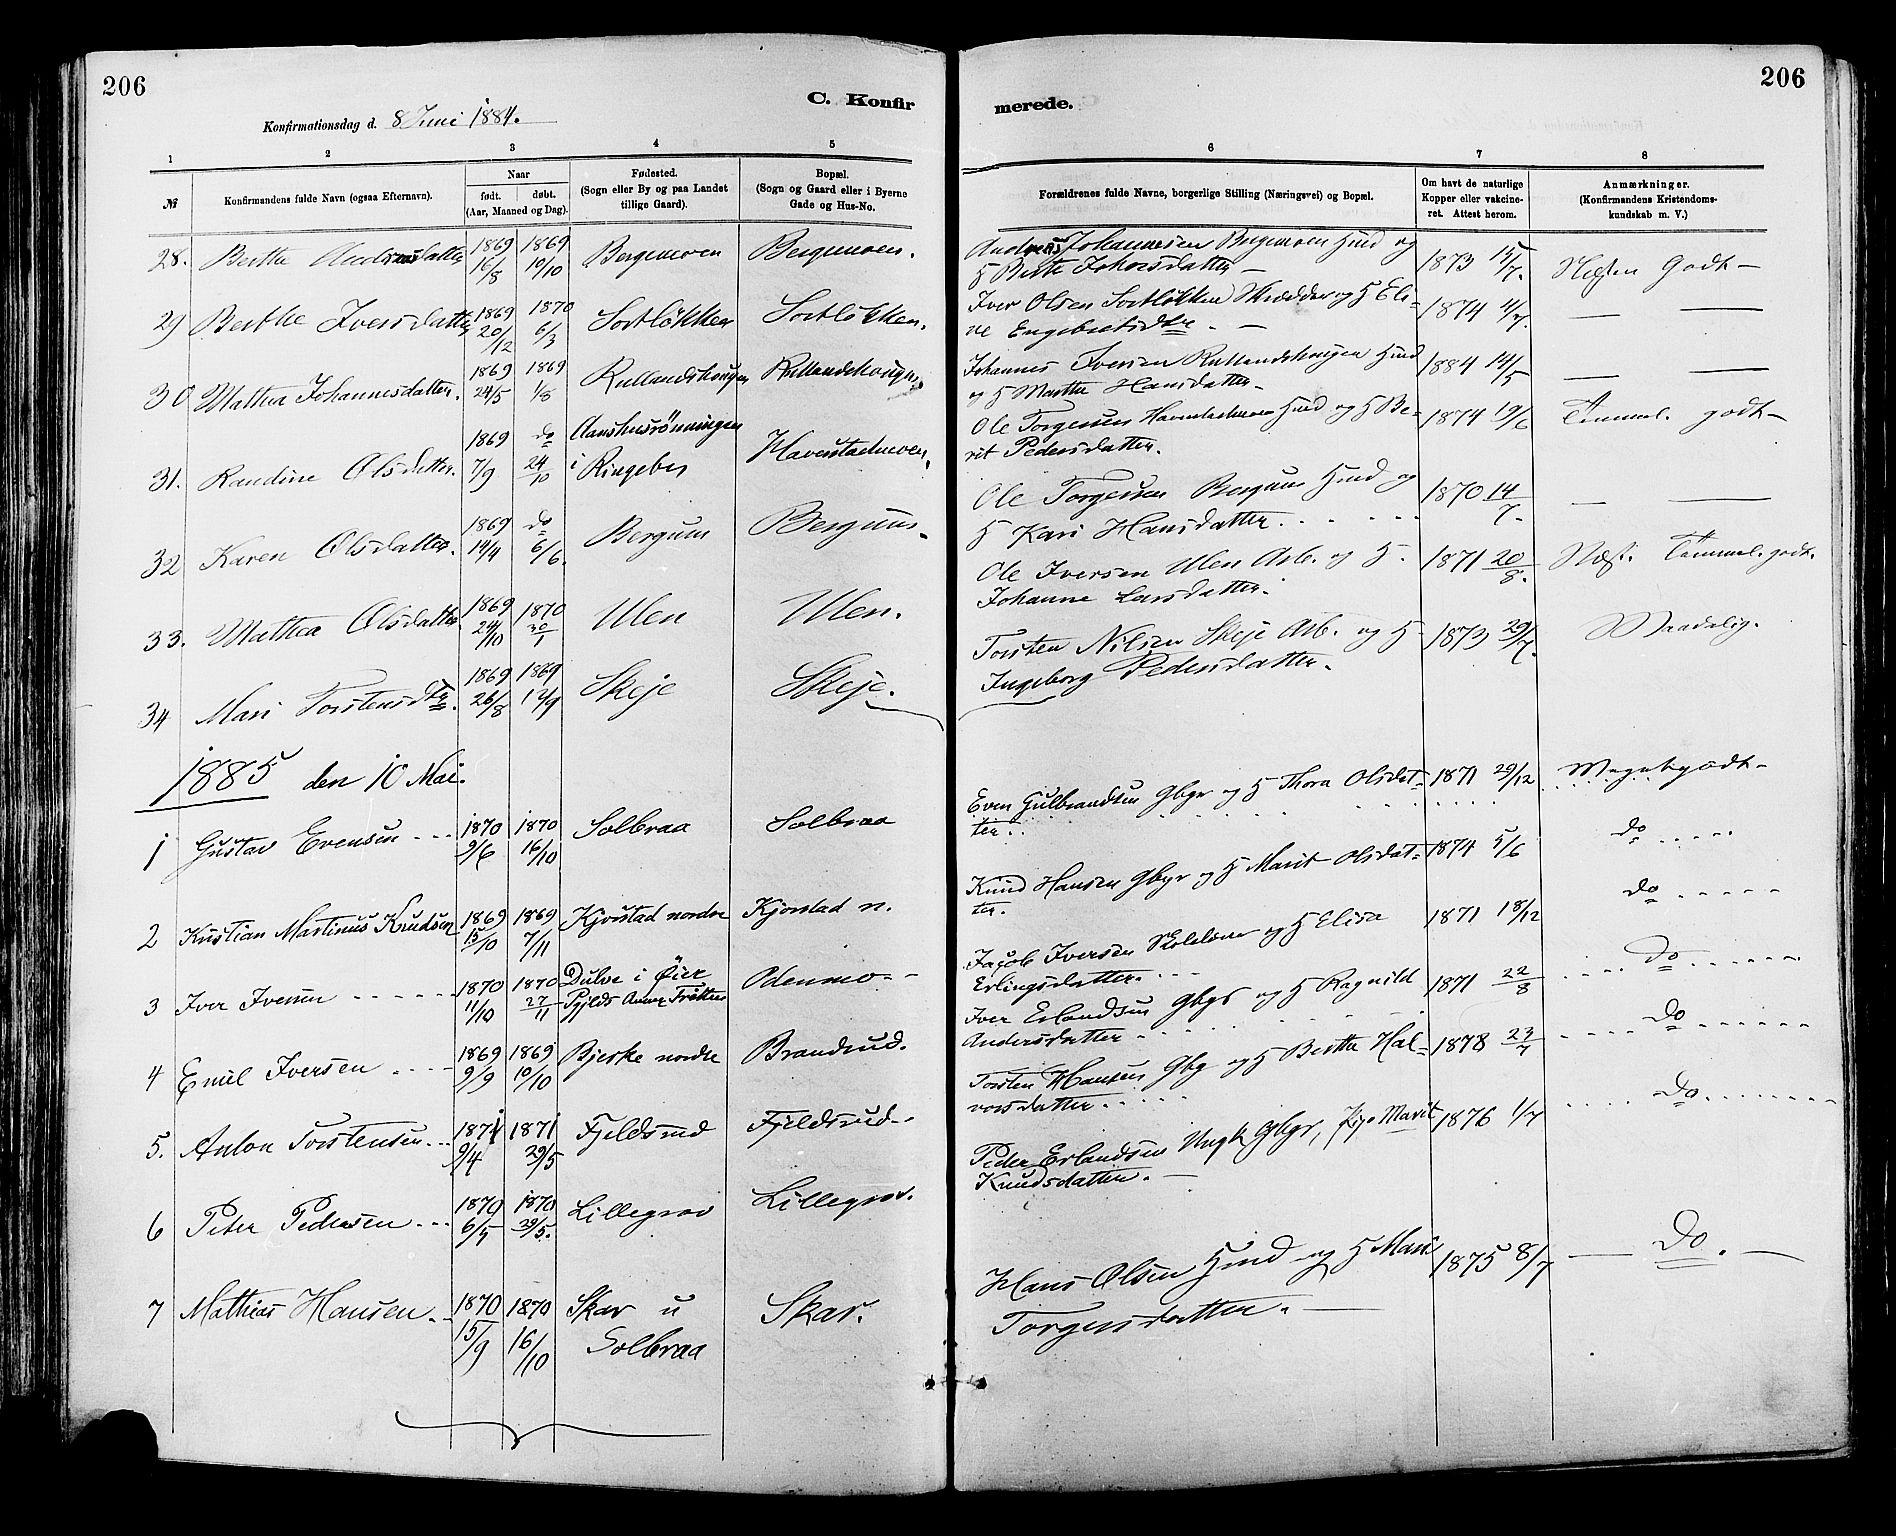 SAH, Sør-Fron prestekontor, H/Ha/Haa/L0003: Ministerialbok nr. 3, 1881-1897, s. 206